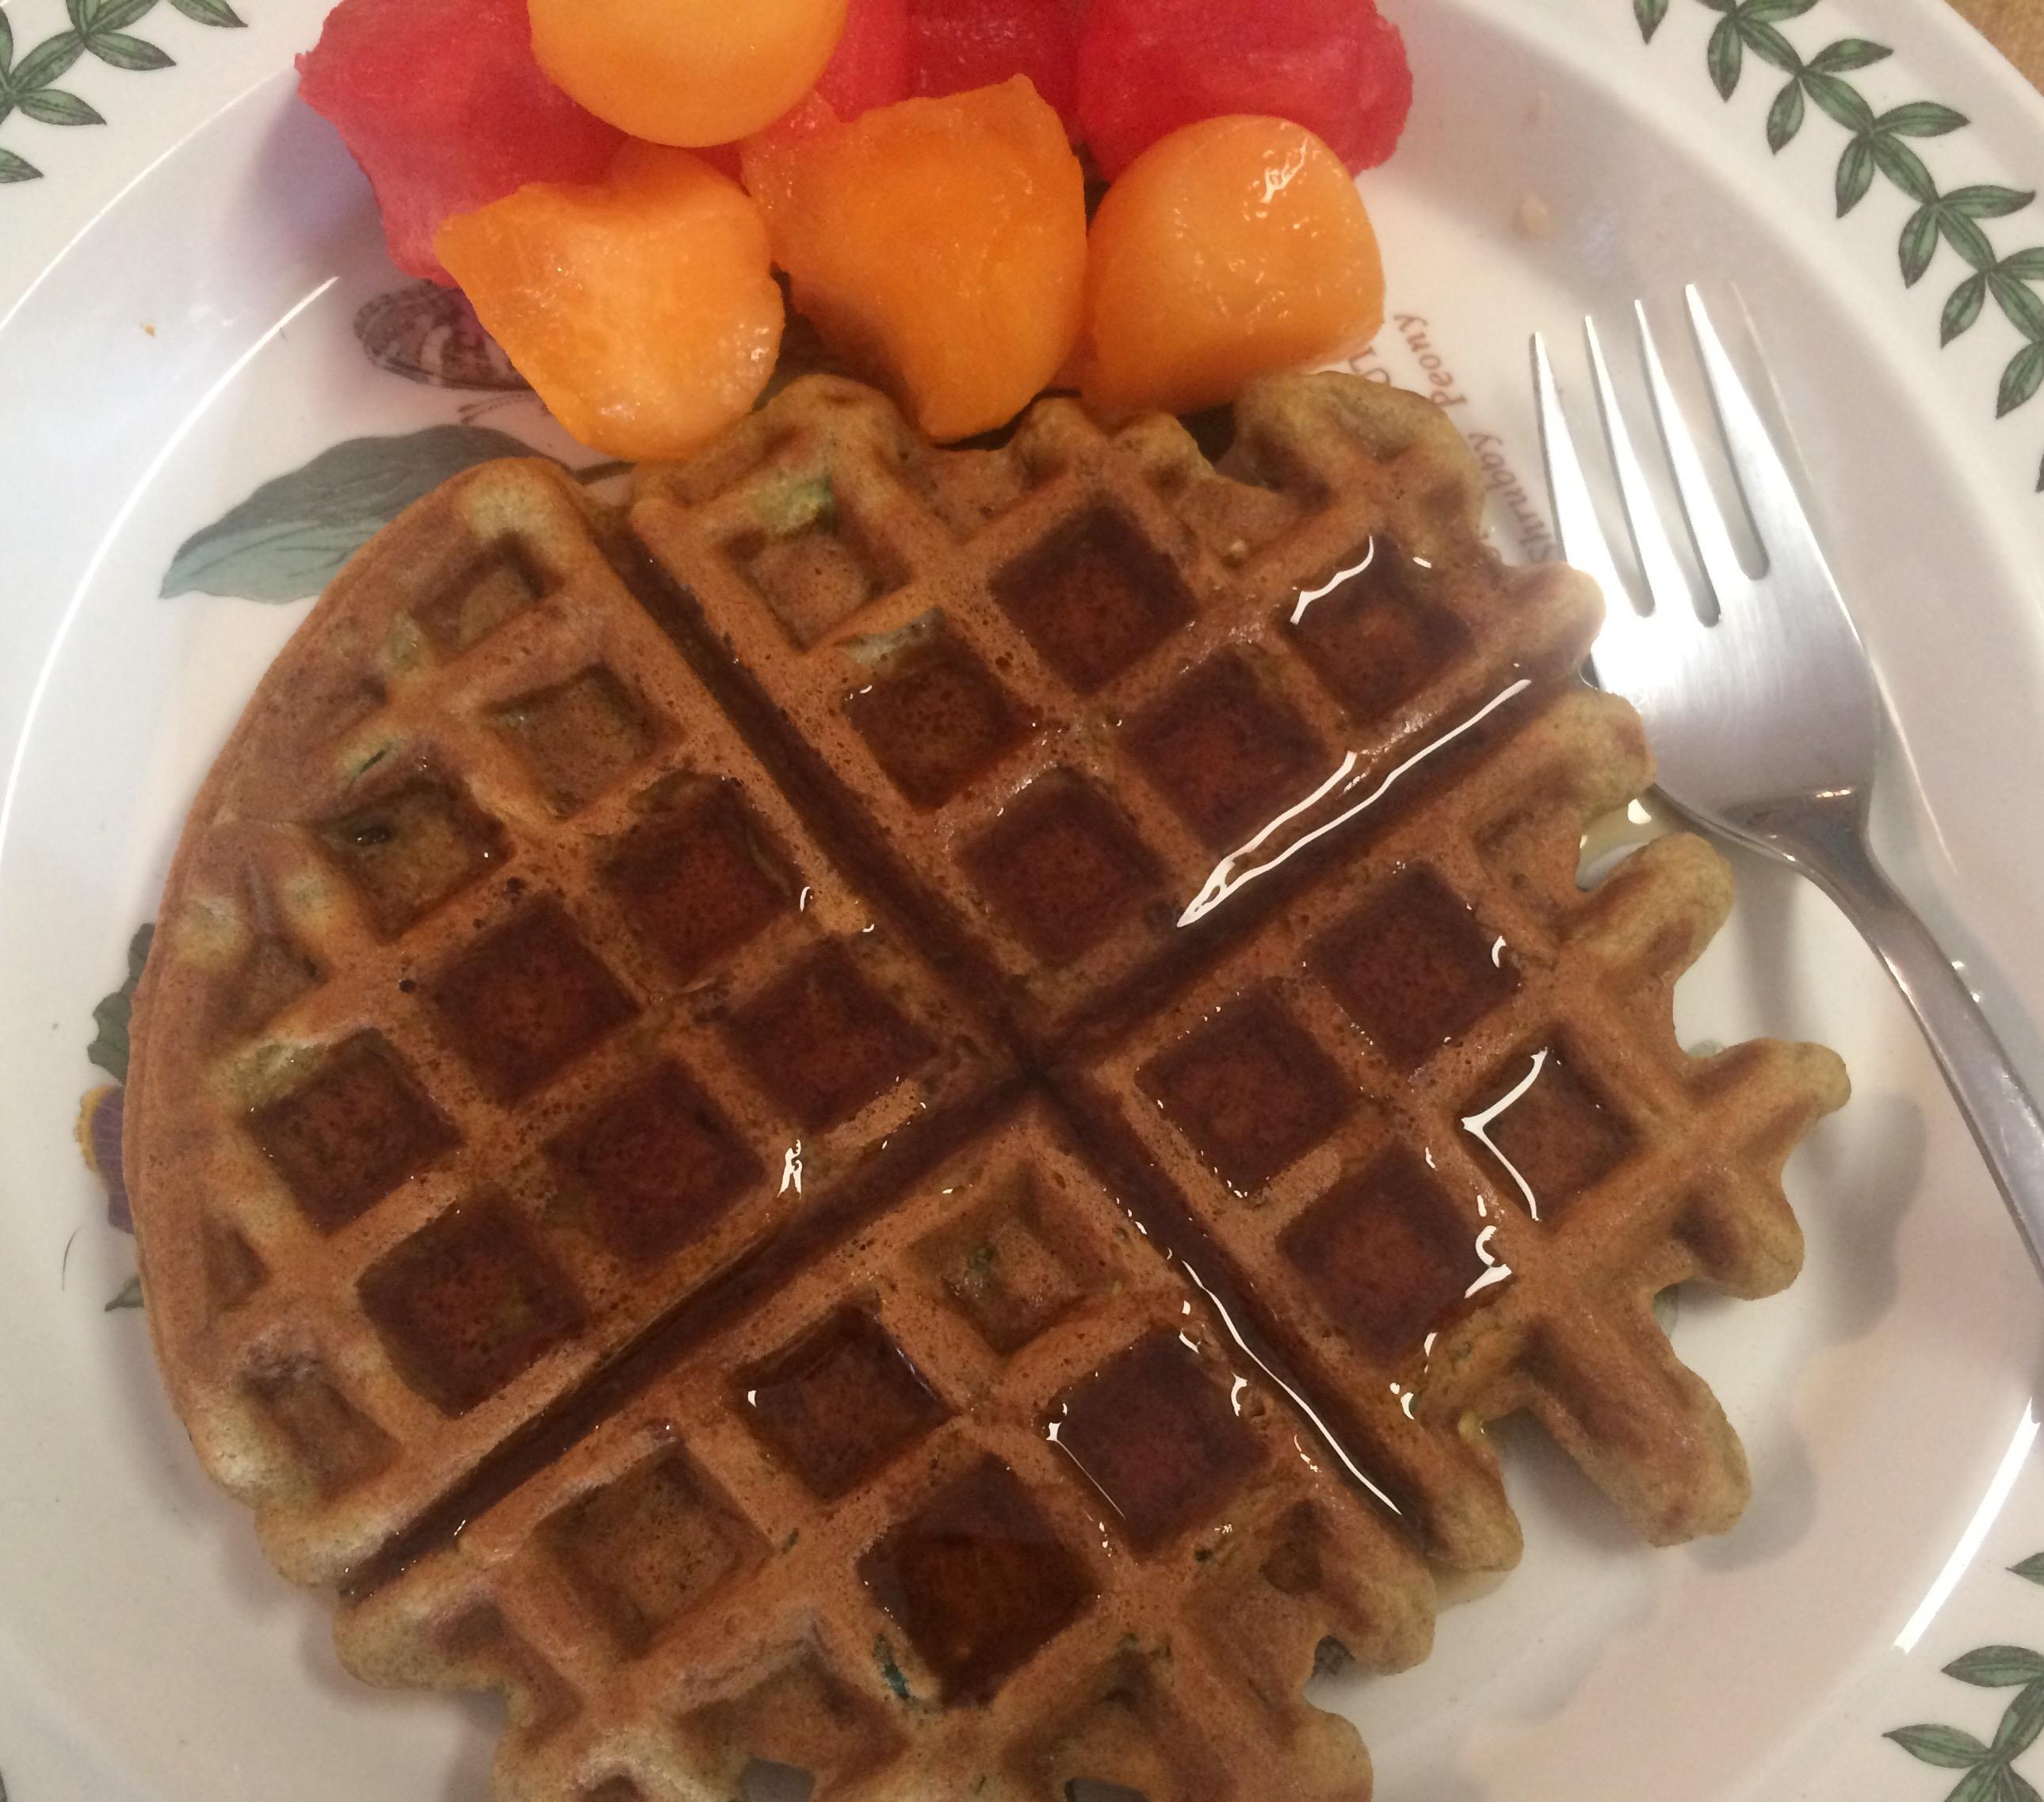 Smitten Kitchen Waffles: Andrea's Garden Cooking